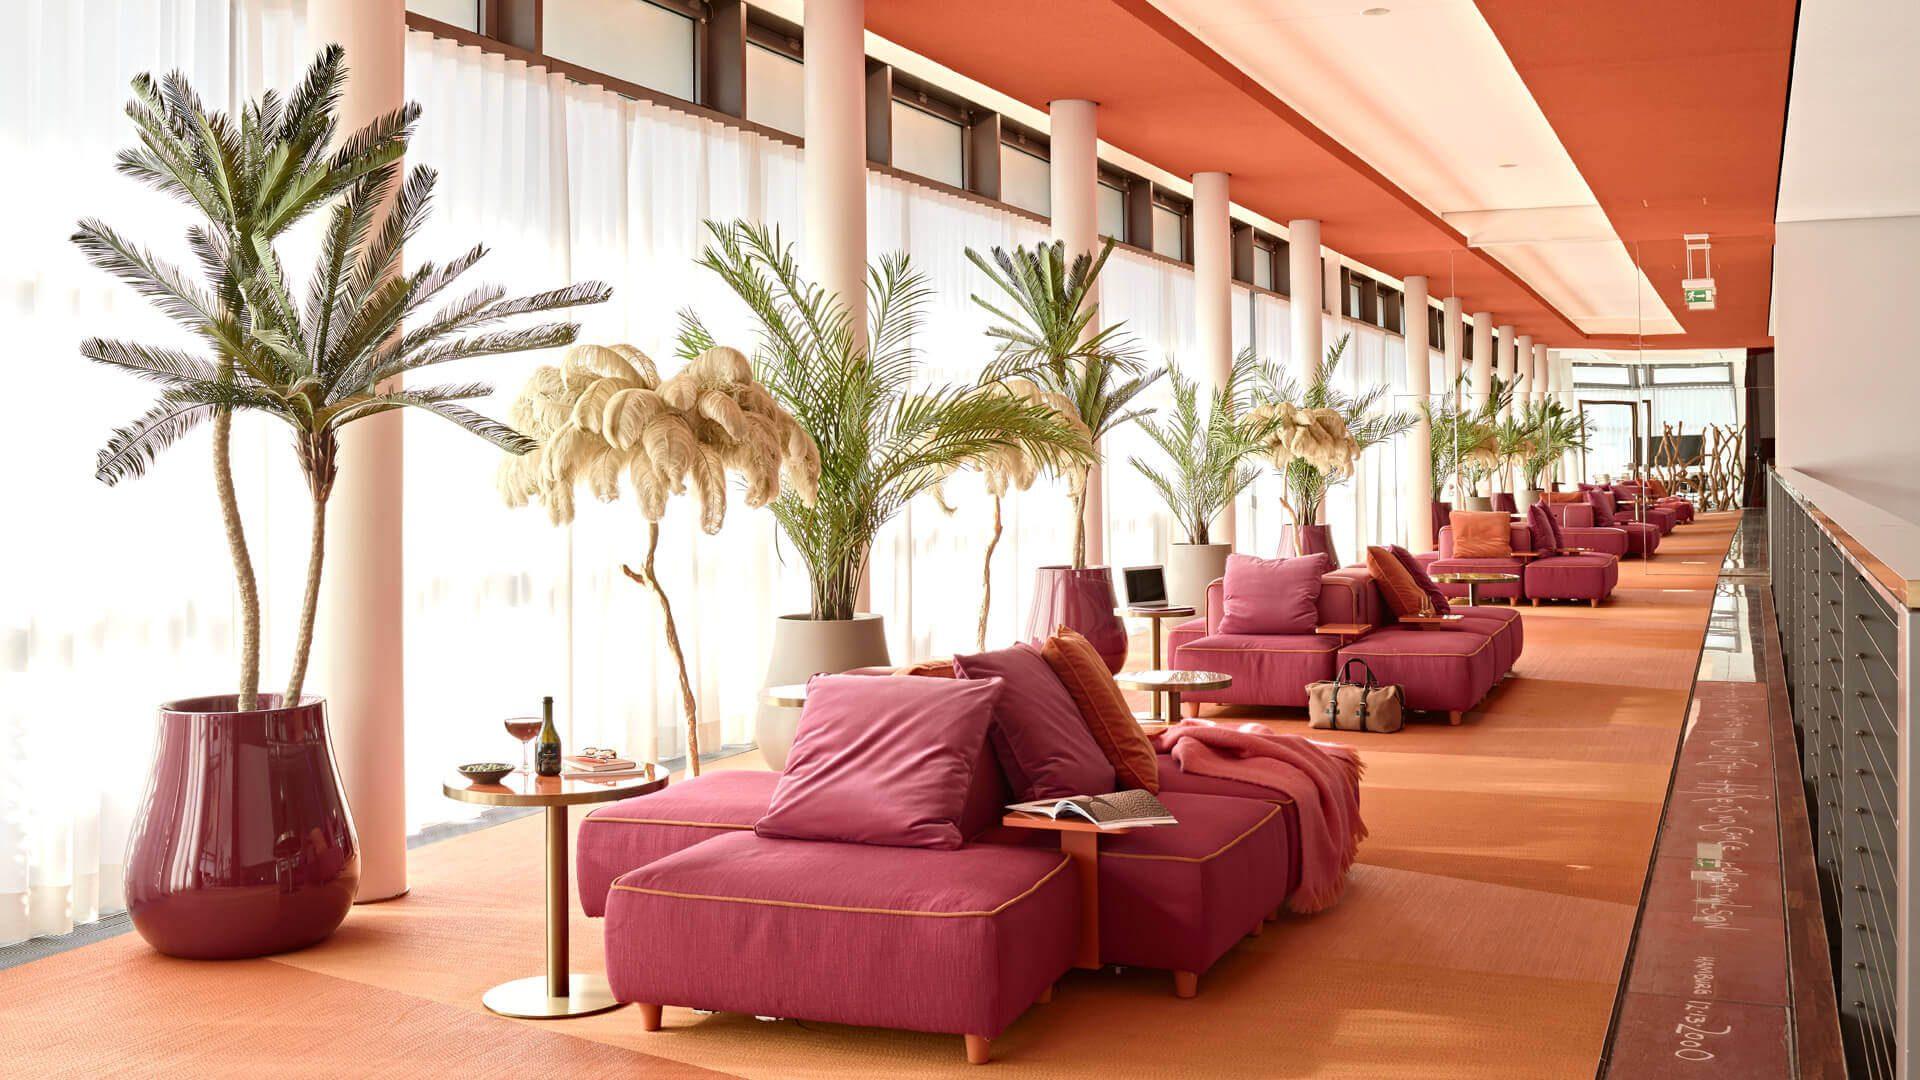 5 Sterne Hotel Hamburg Zentrum Side Design Hotel Hamburg